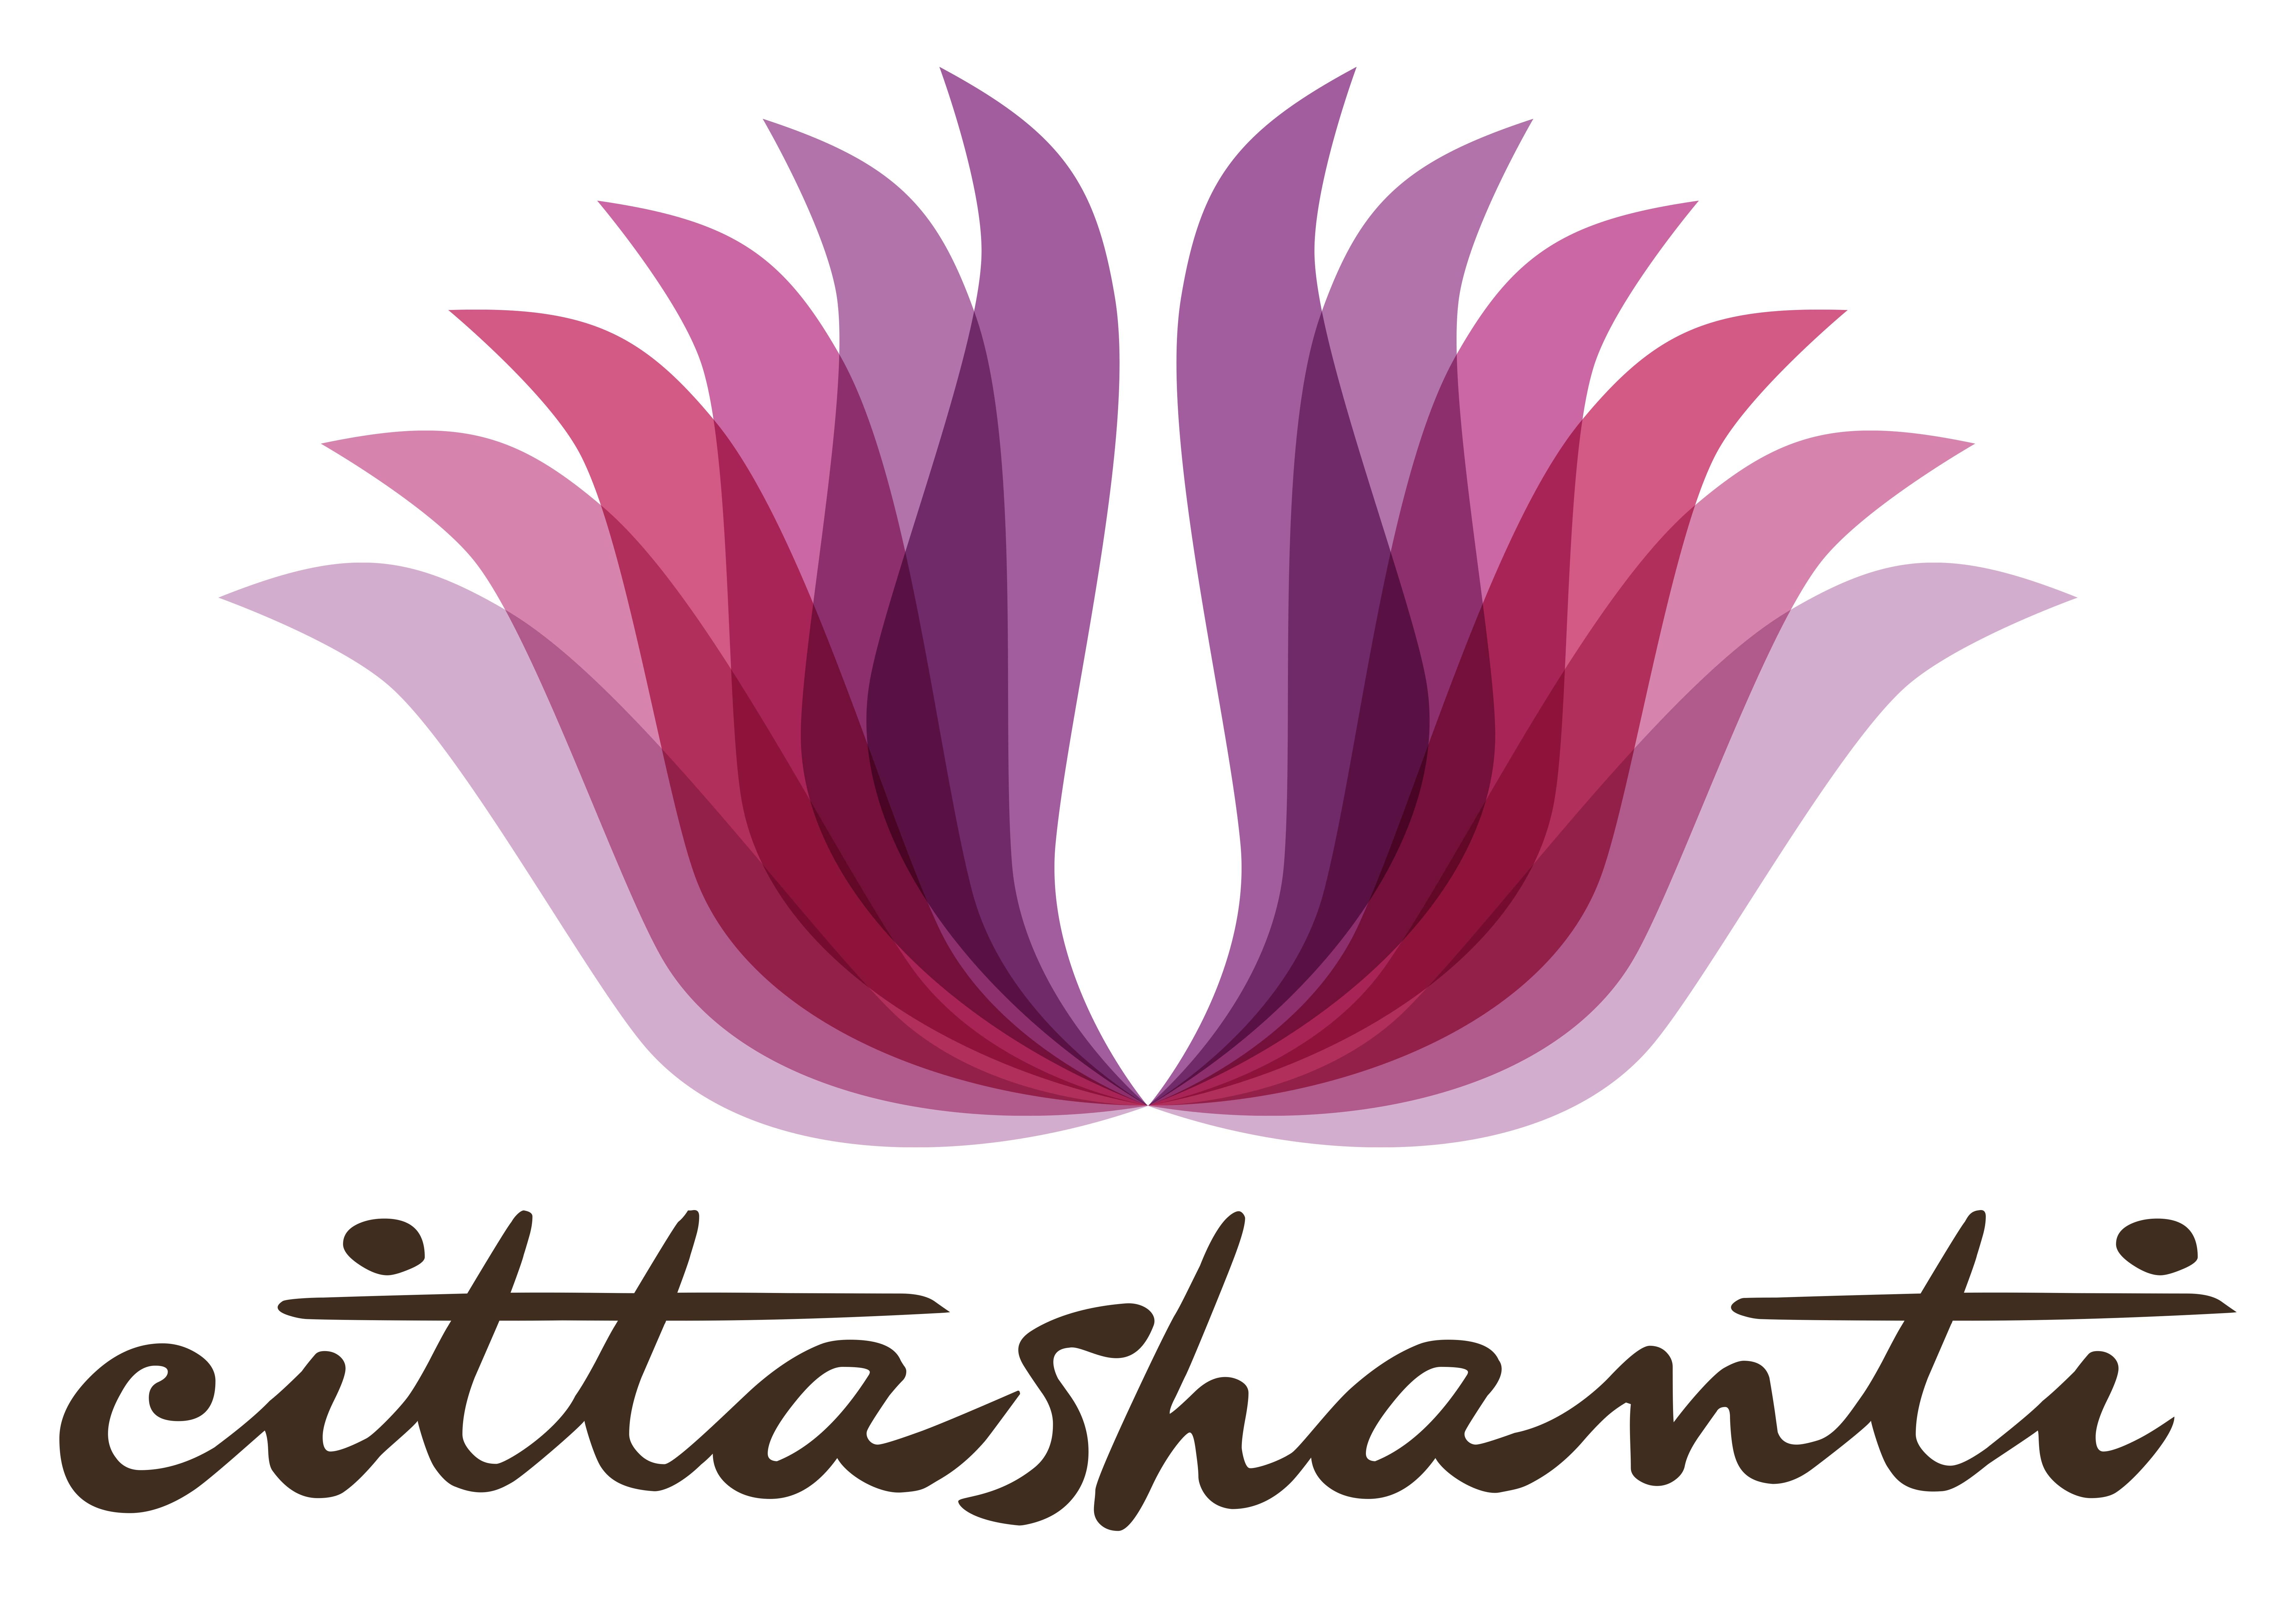 Cittashanti_logo.jpg